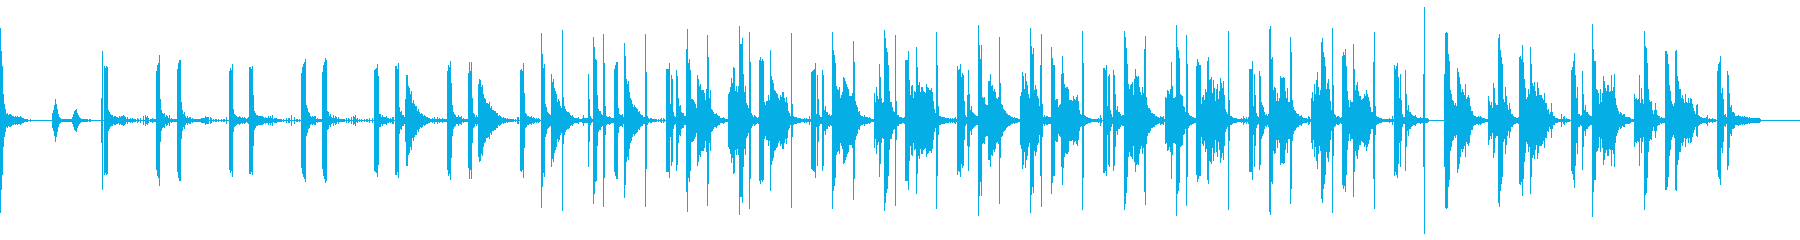 かっこいい系のアートソング 印象的の再生済みの波形